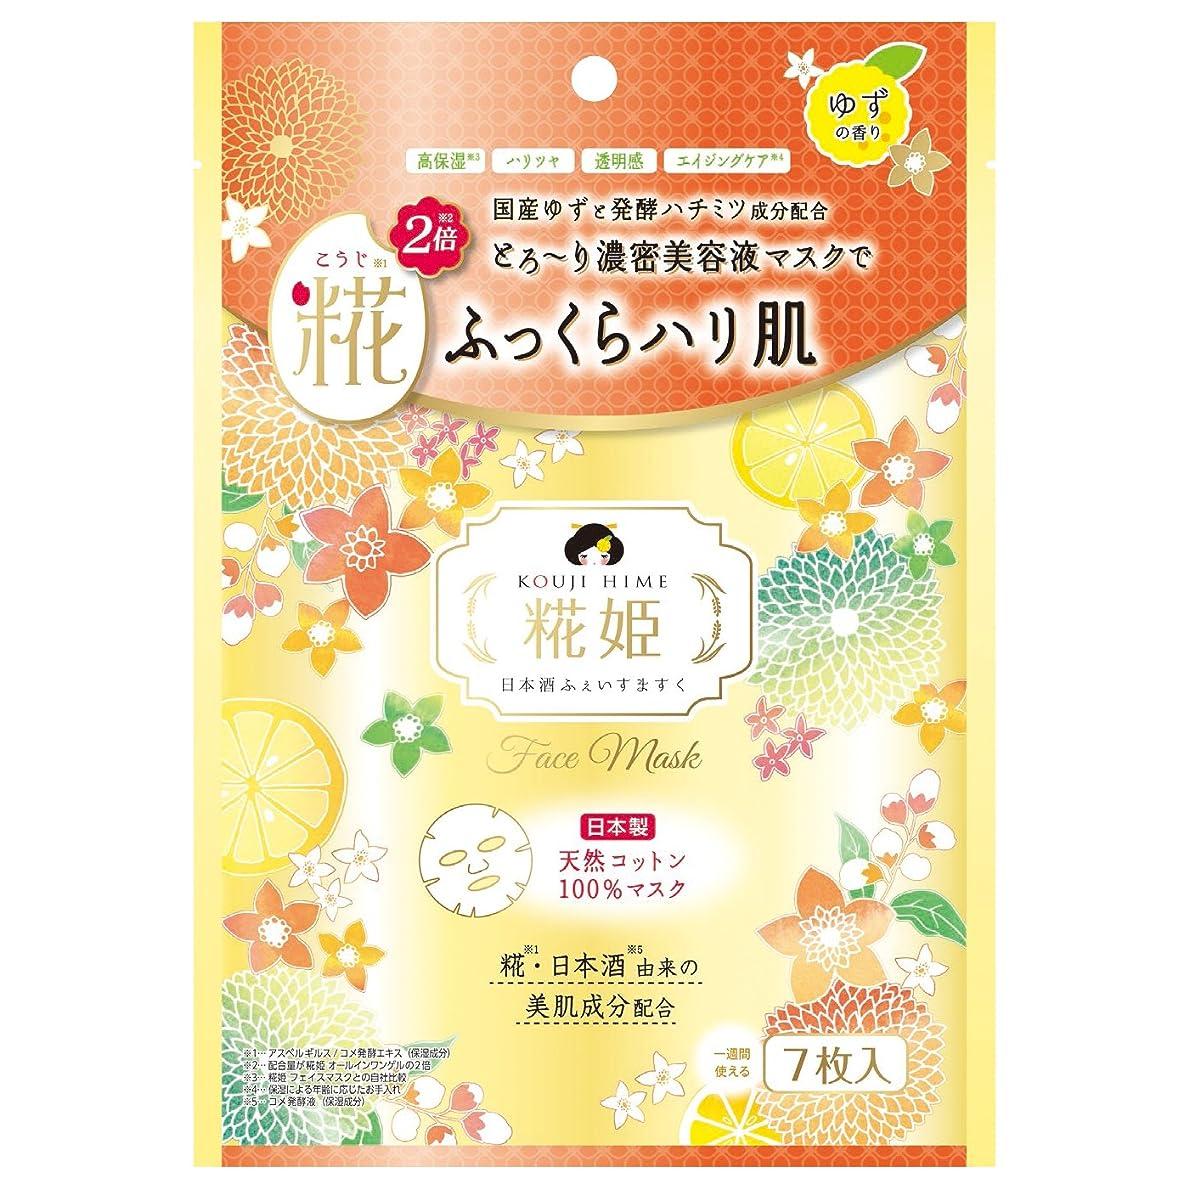 百万ビジタースピン糀姫 ふぇいすますく (ゆずの香り) (7枚入)